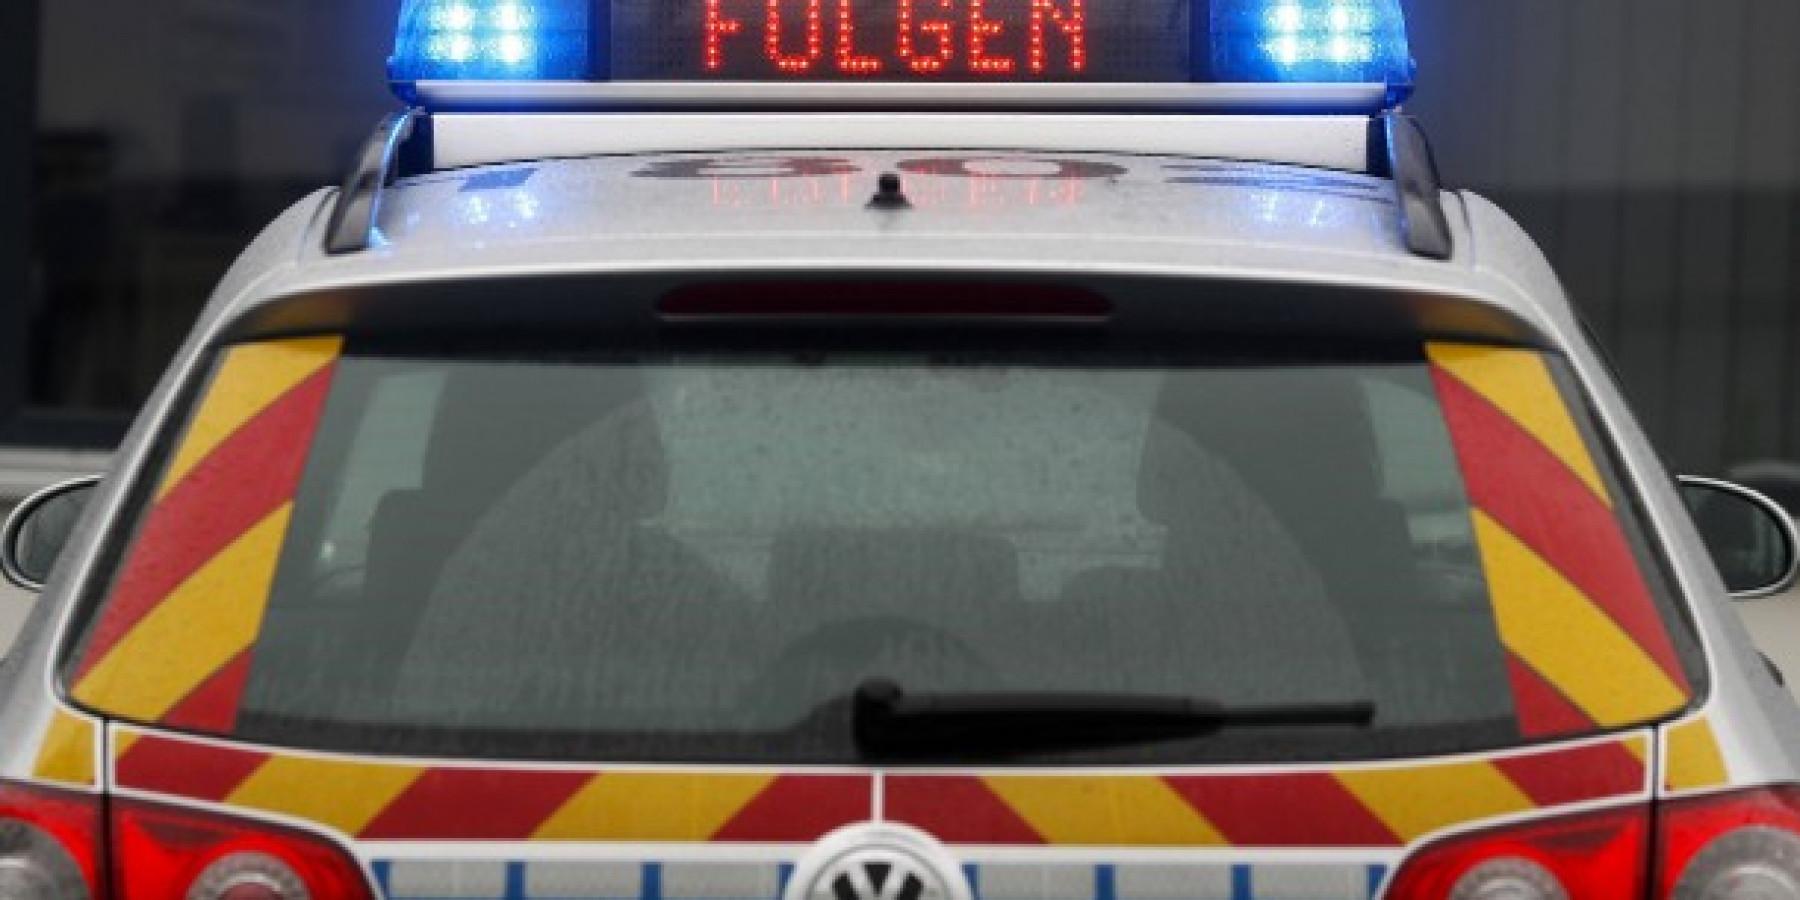 Nächtlicher Polizeieinsatz in Gelsenkirchen